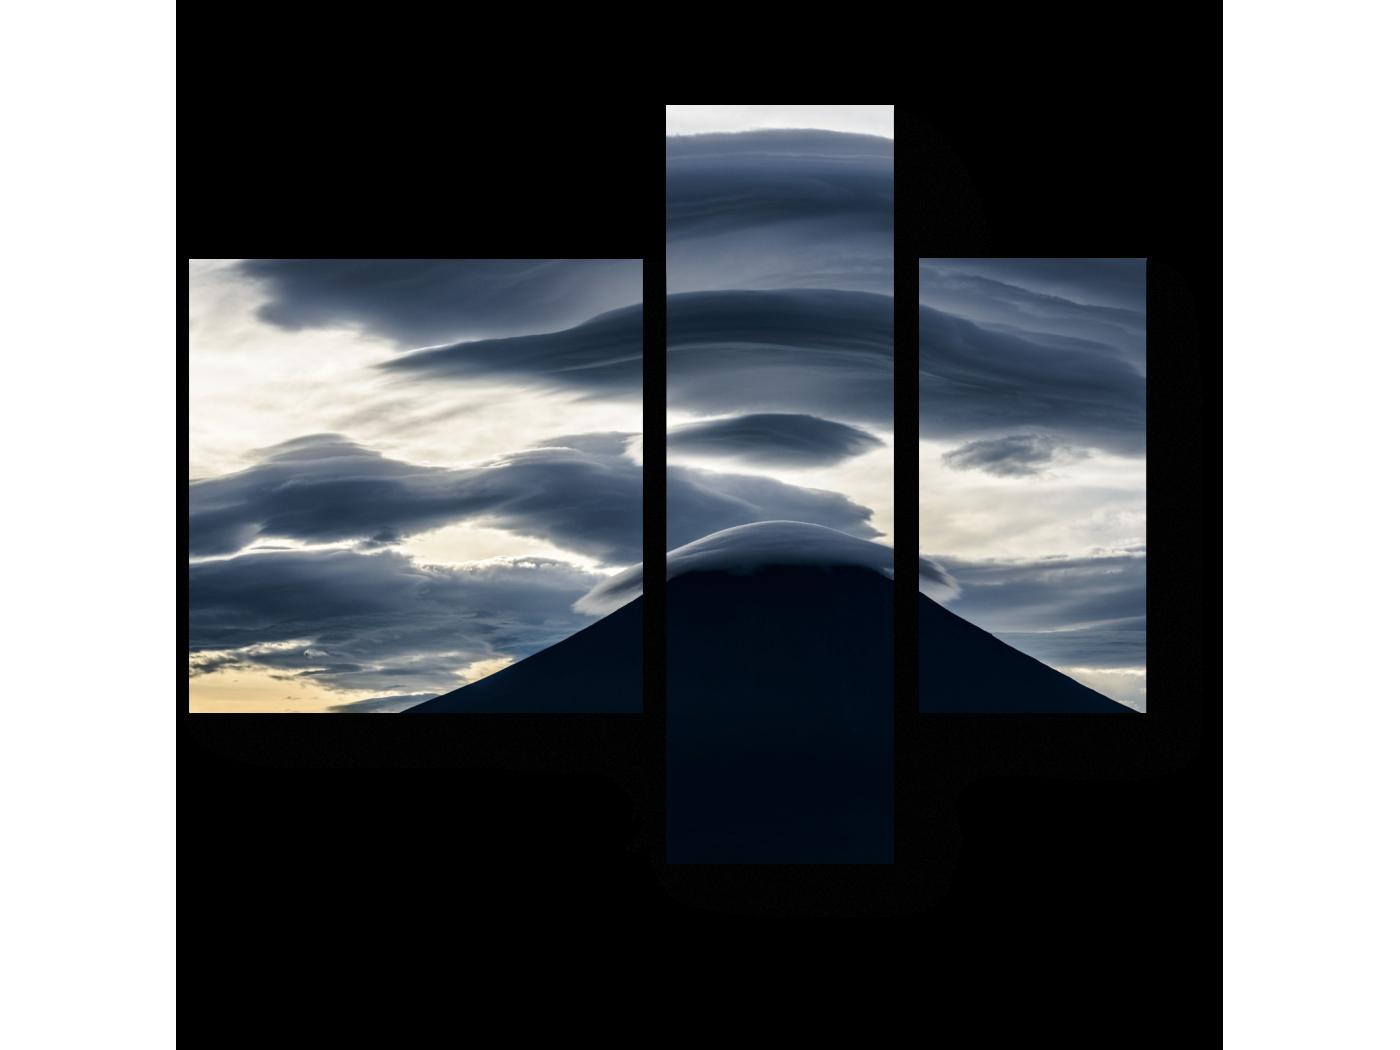 Модульная картина Линейные облака над горой (80x66) фото